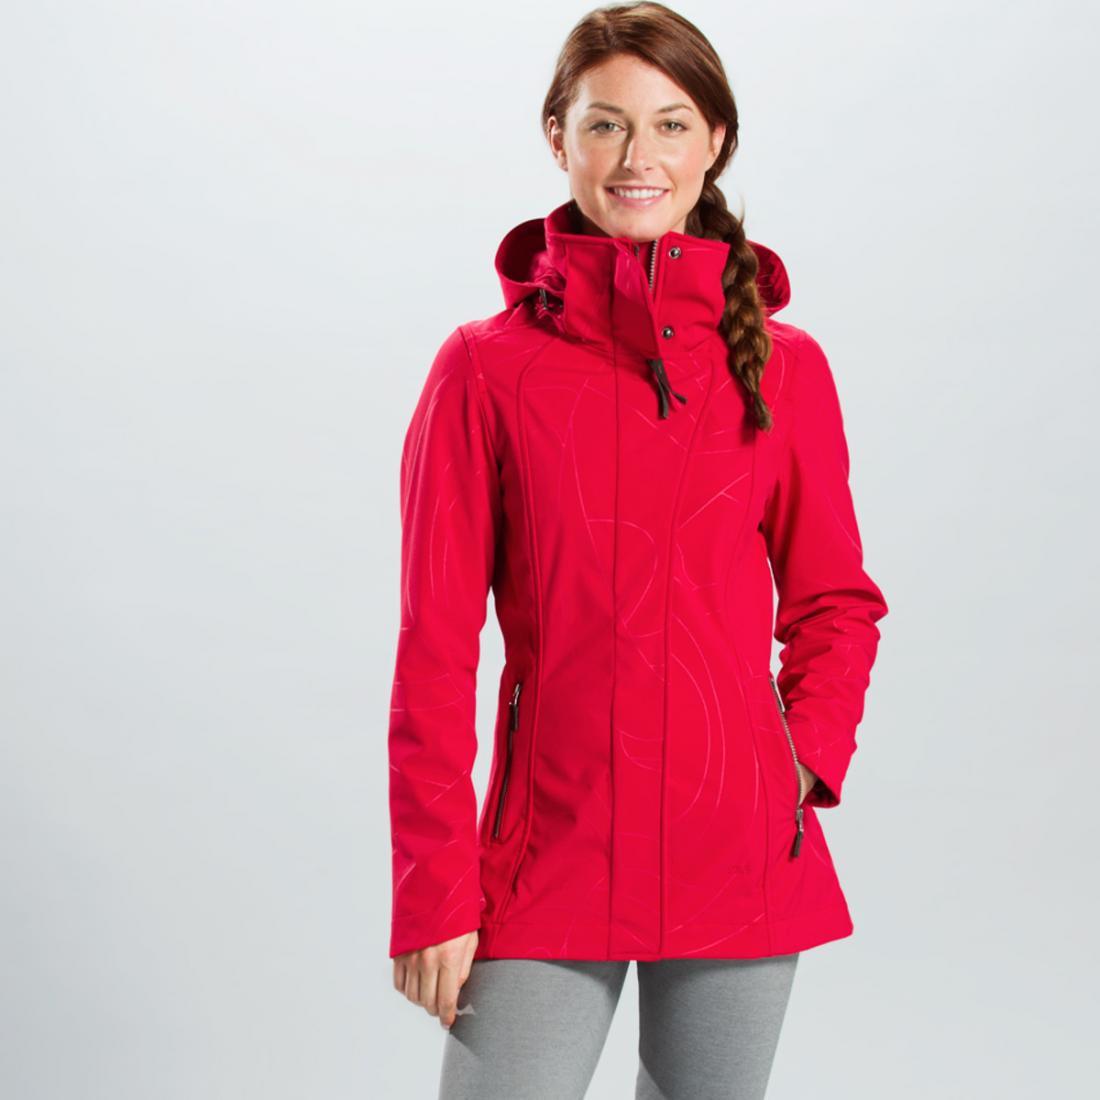 Куртка LUW0191 STUNNING JACKETКуртки<br>Легкий демисезонный плащ из софтшела с оригинальным принтом – функциональная и женственная вещь. <br> <br><br>Регулировки сзади на талии...<br><br>Цвет: Бордовый<br>Размер: M